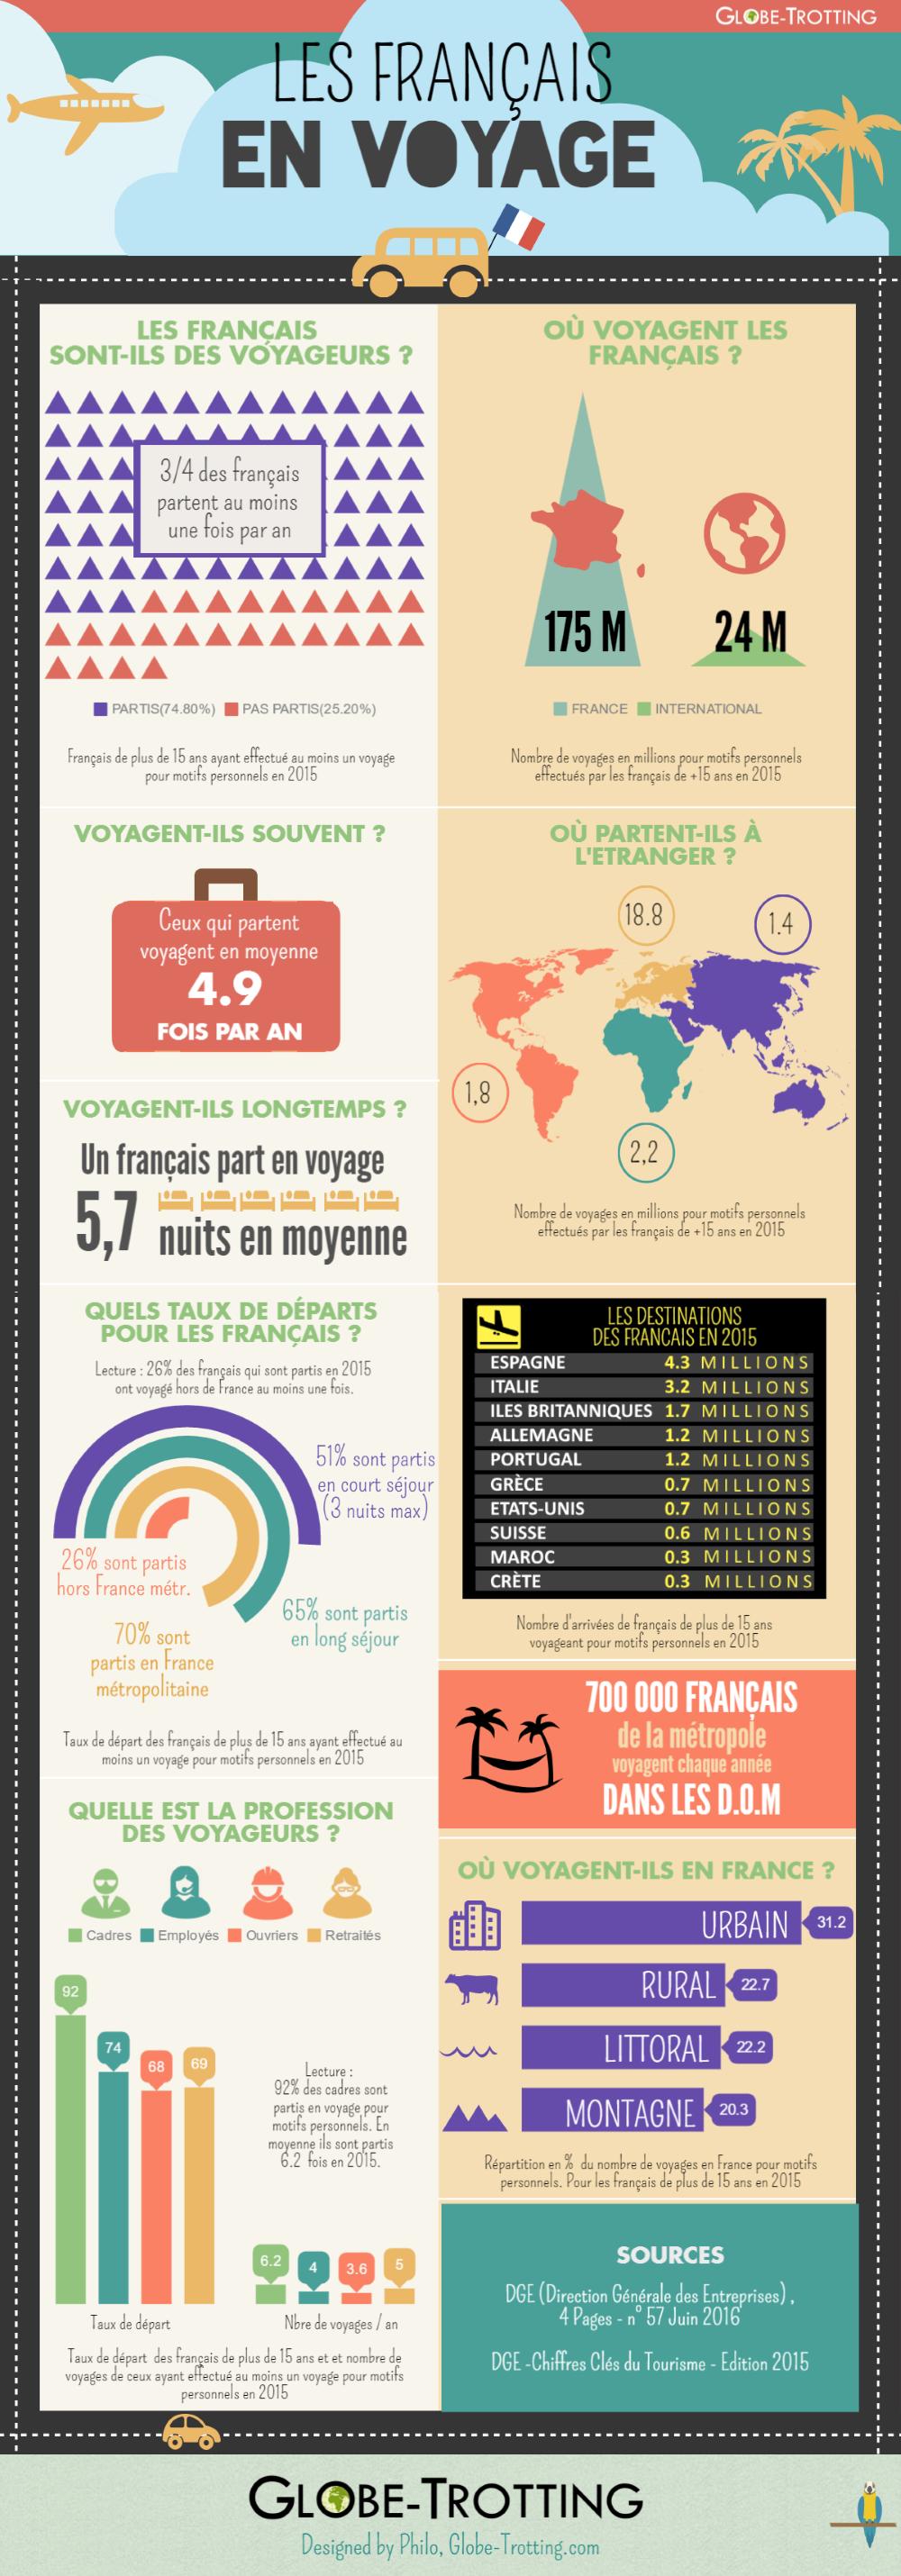 Où partent les français en voyage ? Quelles sont les destinations de vacances préférées des français ?